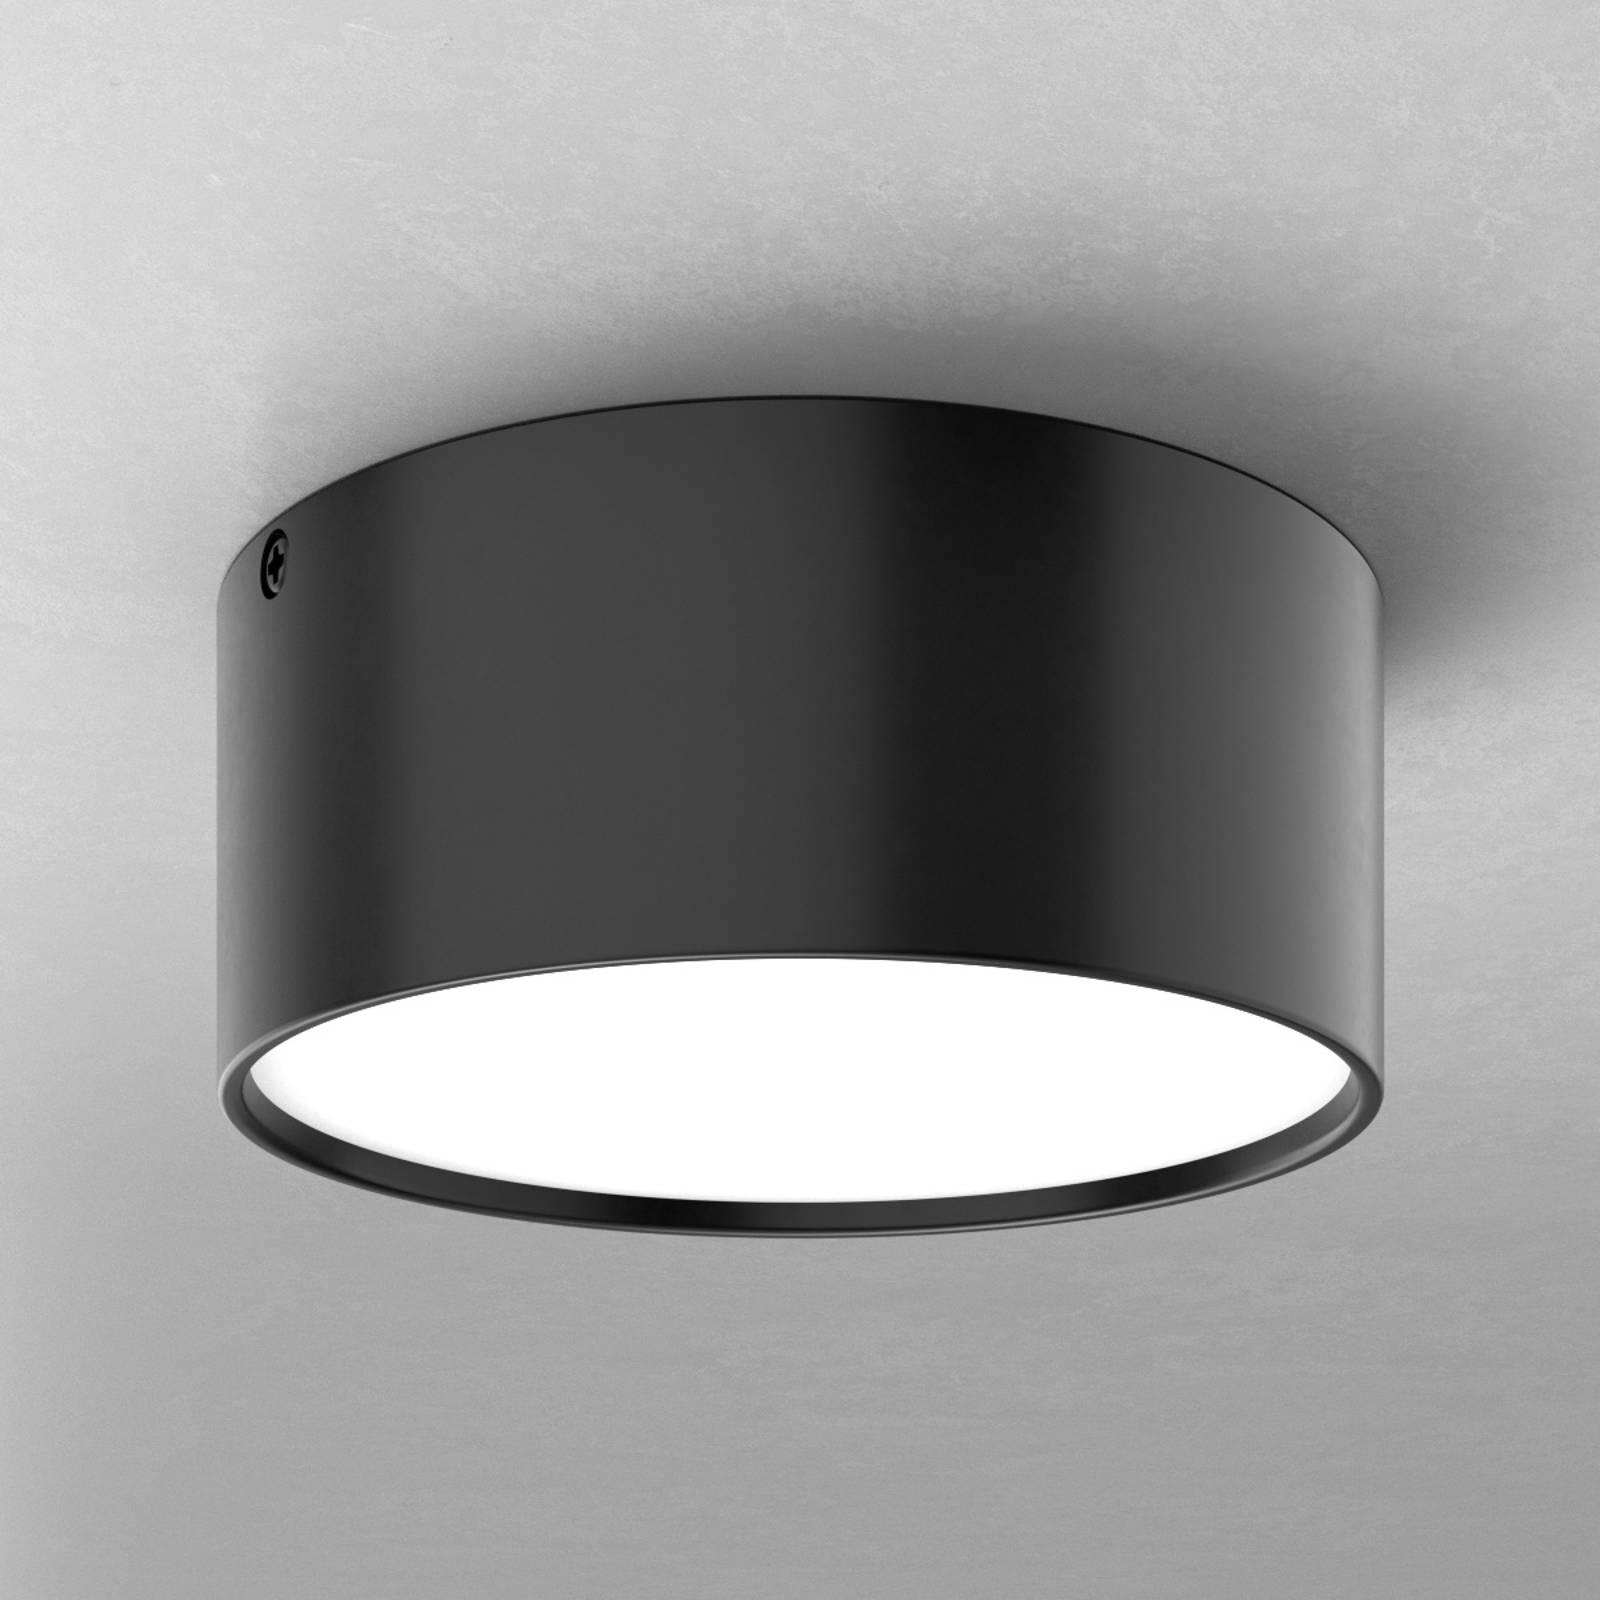 Prosta lampa sufitowa LED Mine, czarna, 14 cm